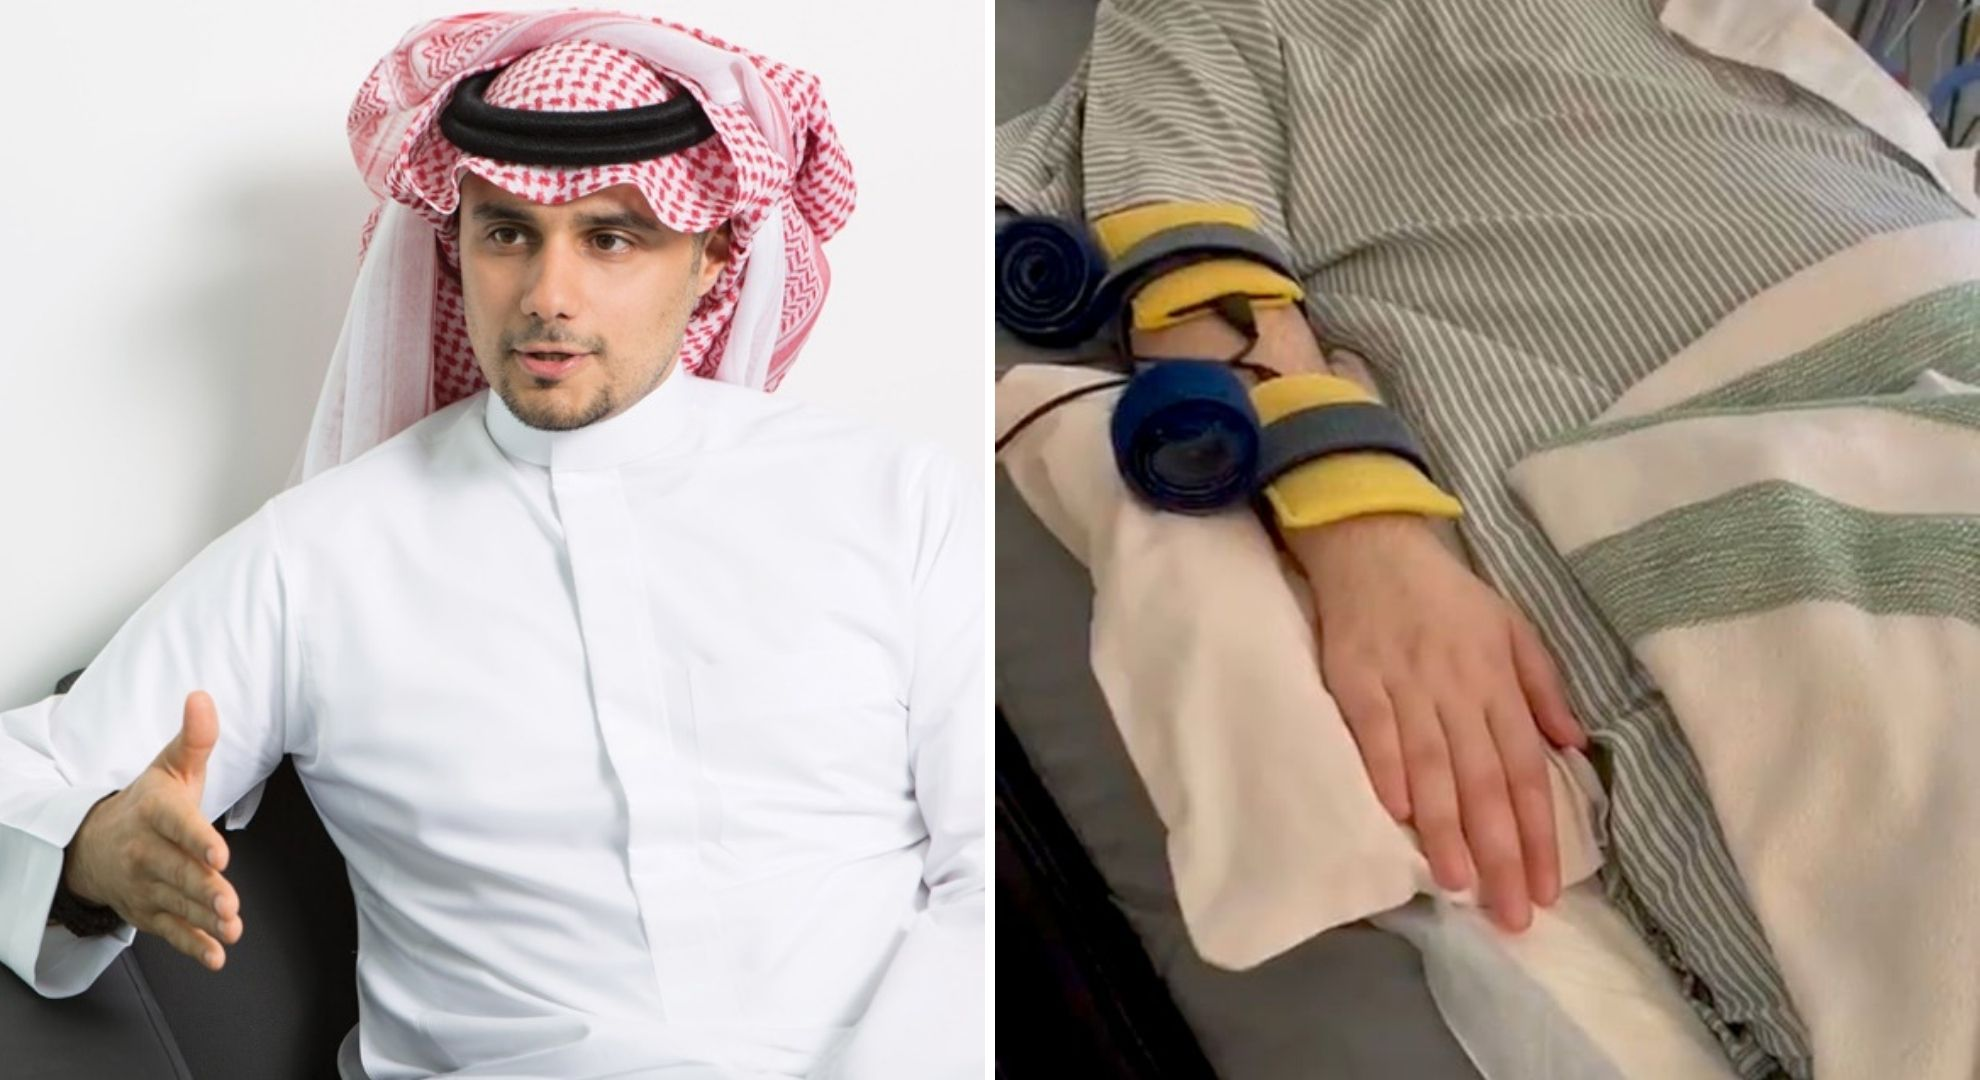 Prințul din Arabia, aflat în comă 15 ani, și-a mișcat degetele, pentru prima dată